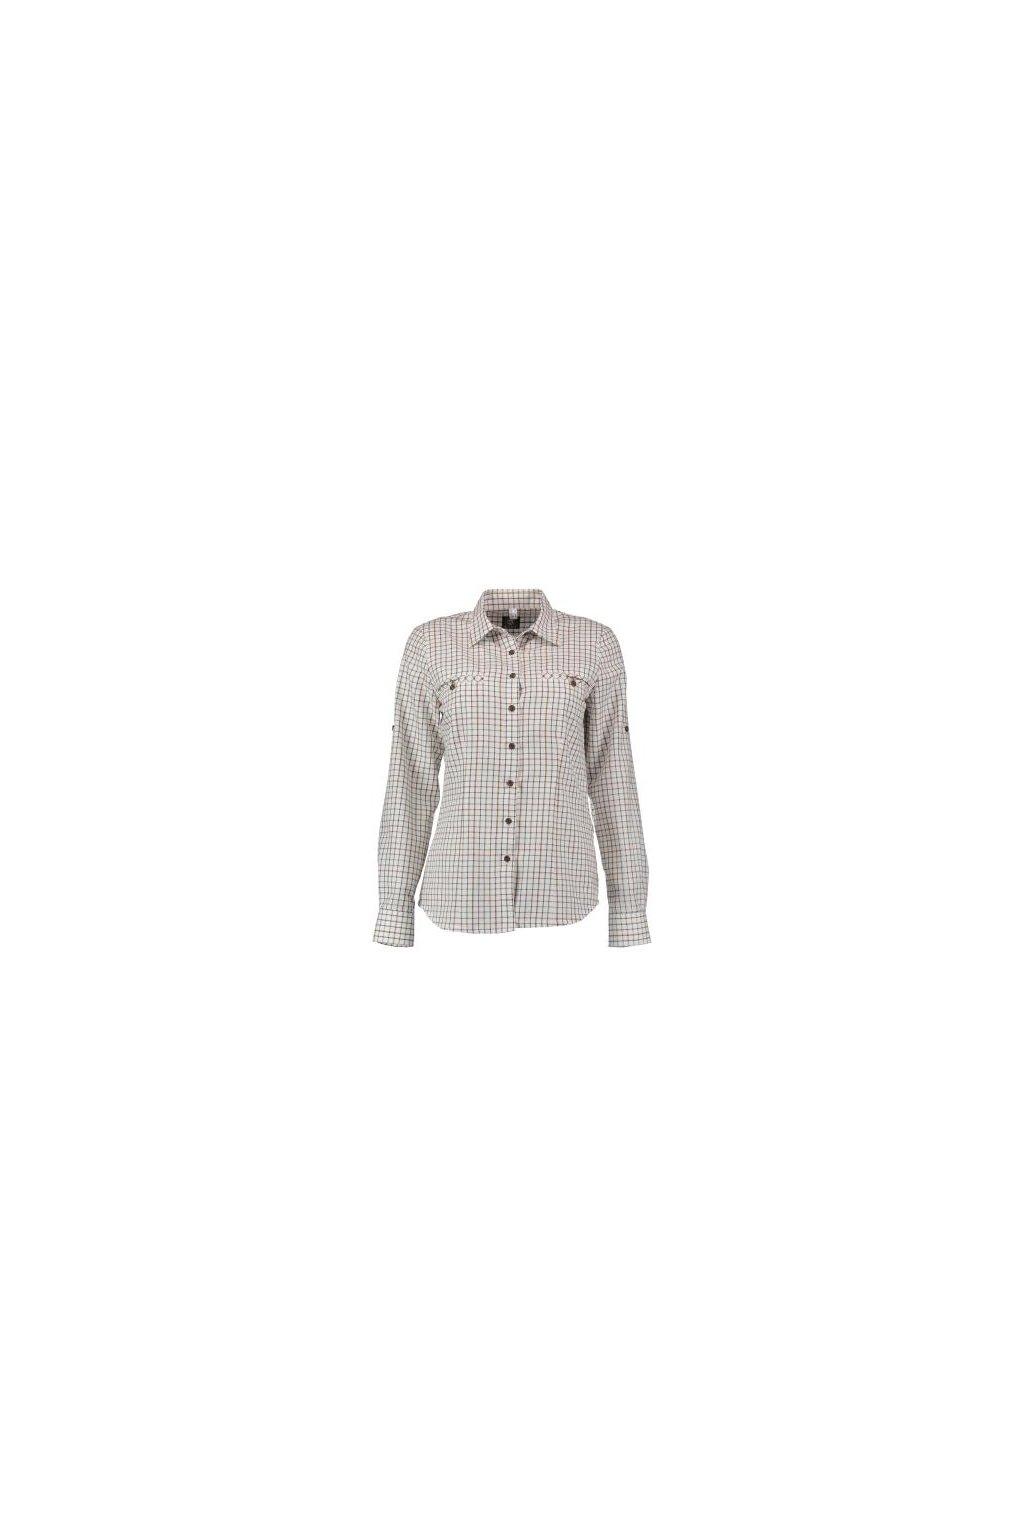 ORBIS - košile dámská zkracovací rukáv bílá kostička (3793)